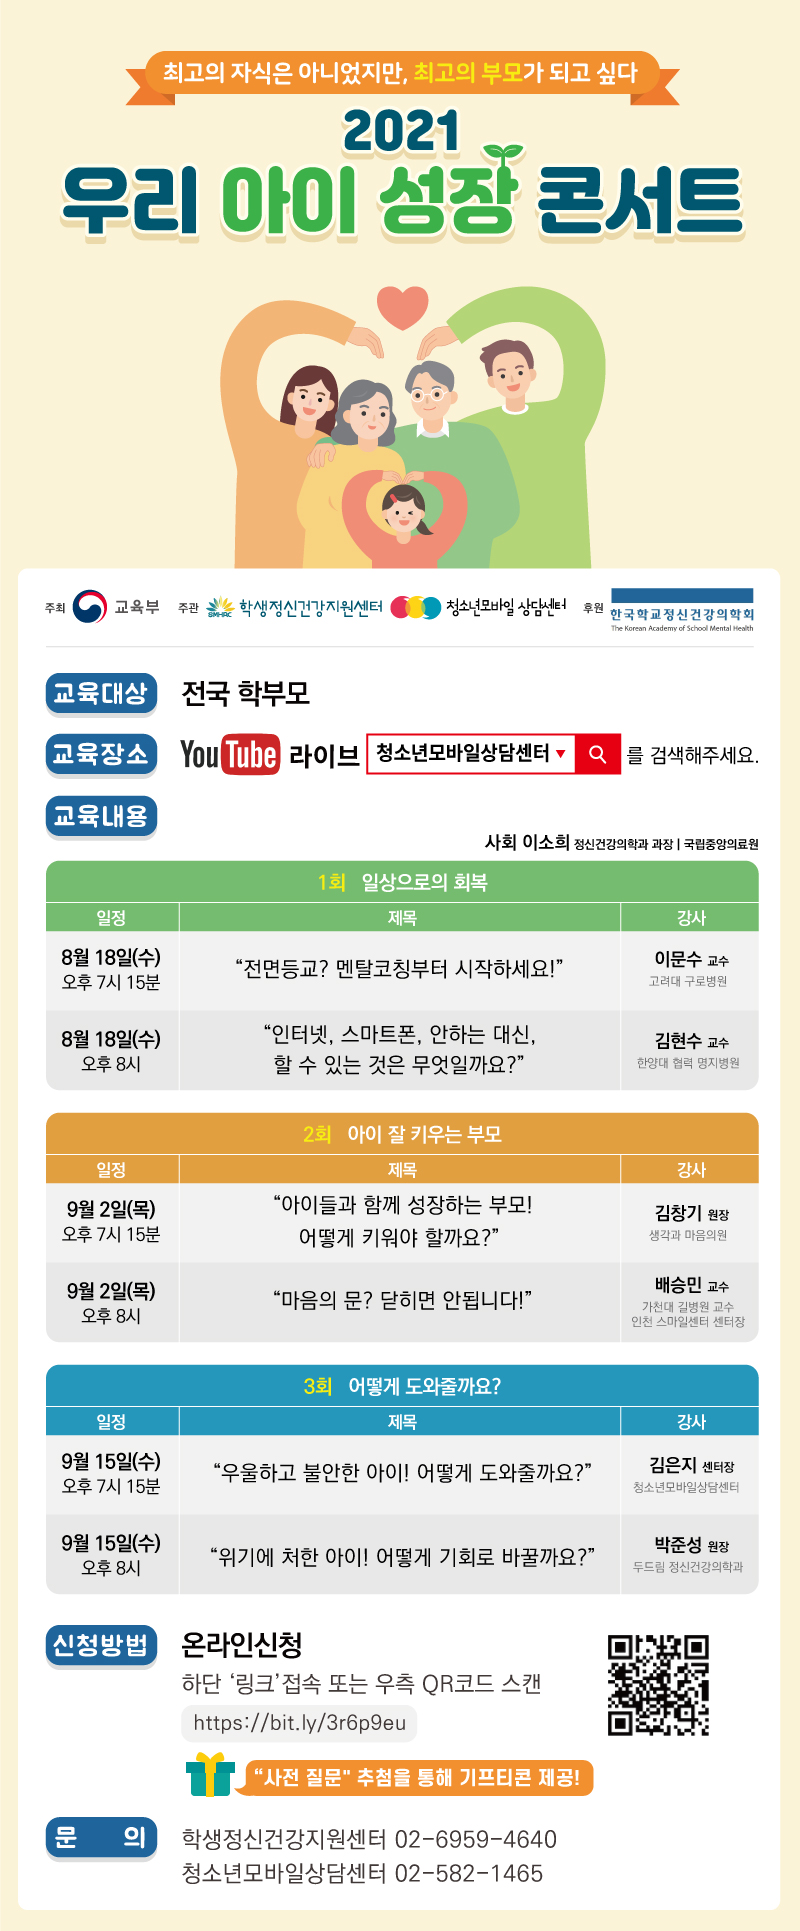 [일반] 2021년도 학생 정신건강 증진 뉴스레터 안내(9호)의 첨부이미지 1